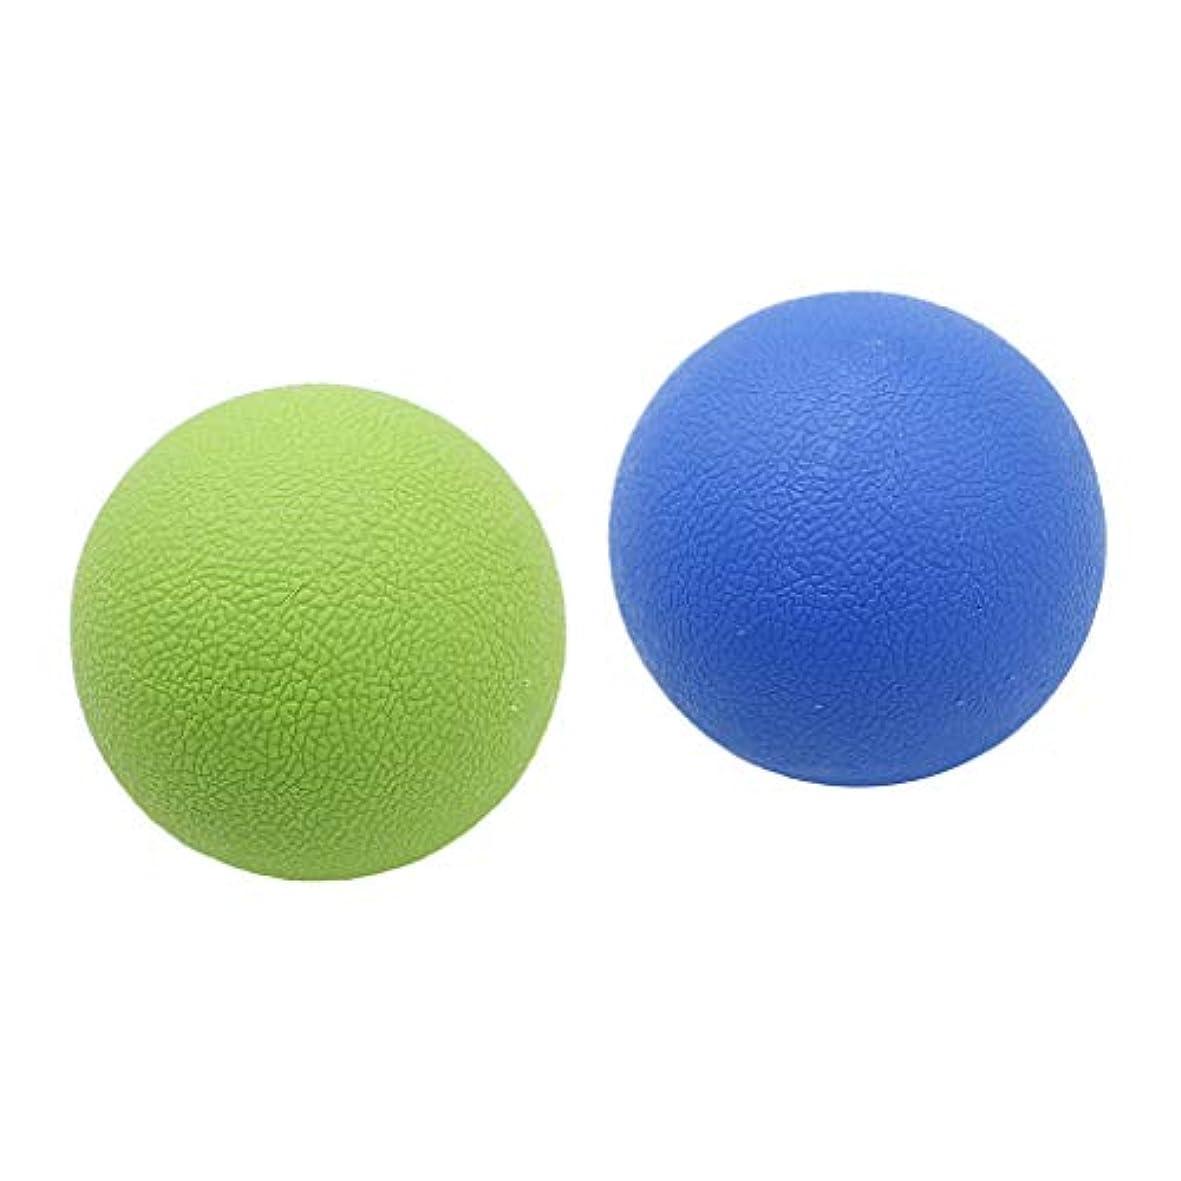 検査リファインわかりやすい2個 マッサージボール ラクロスボール トリガーポイント 弾性TPE 健康グッズ ブルーグリーン